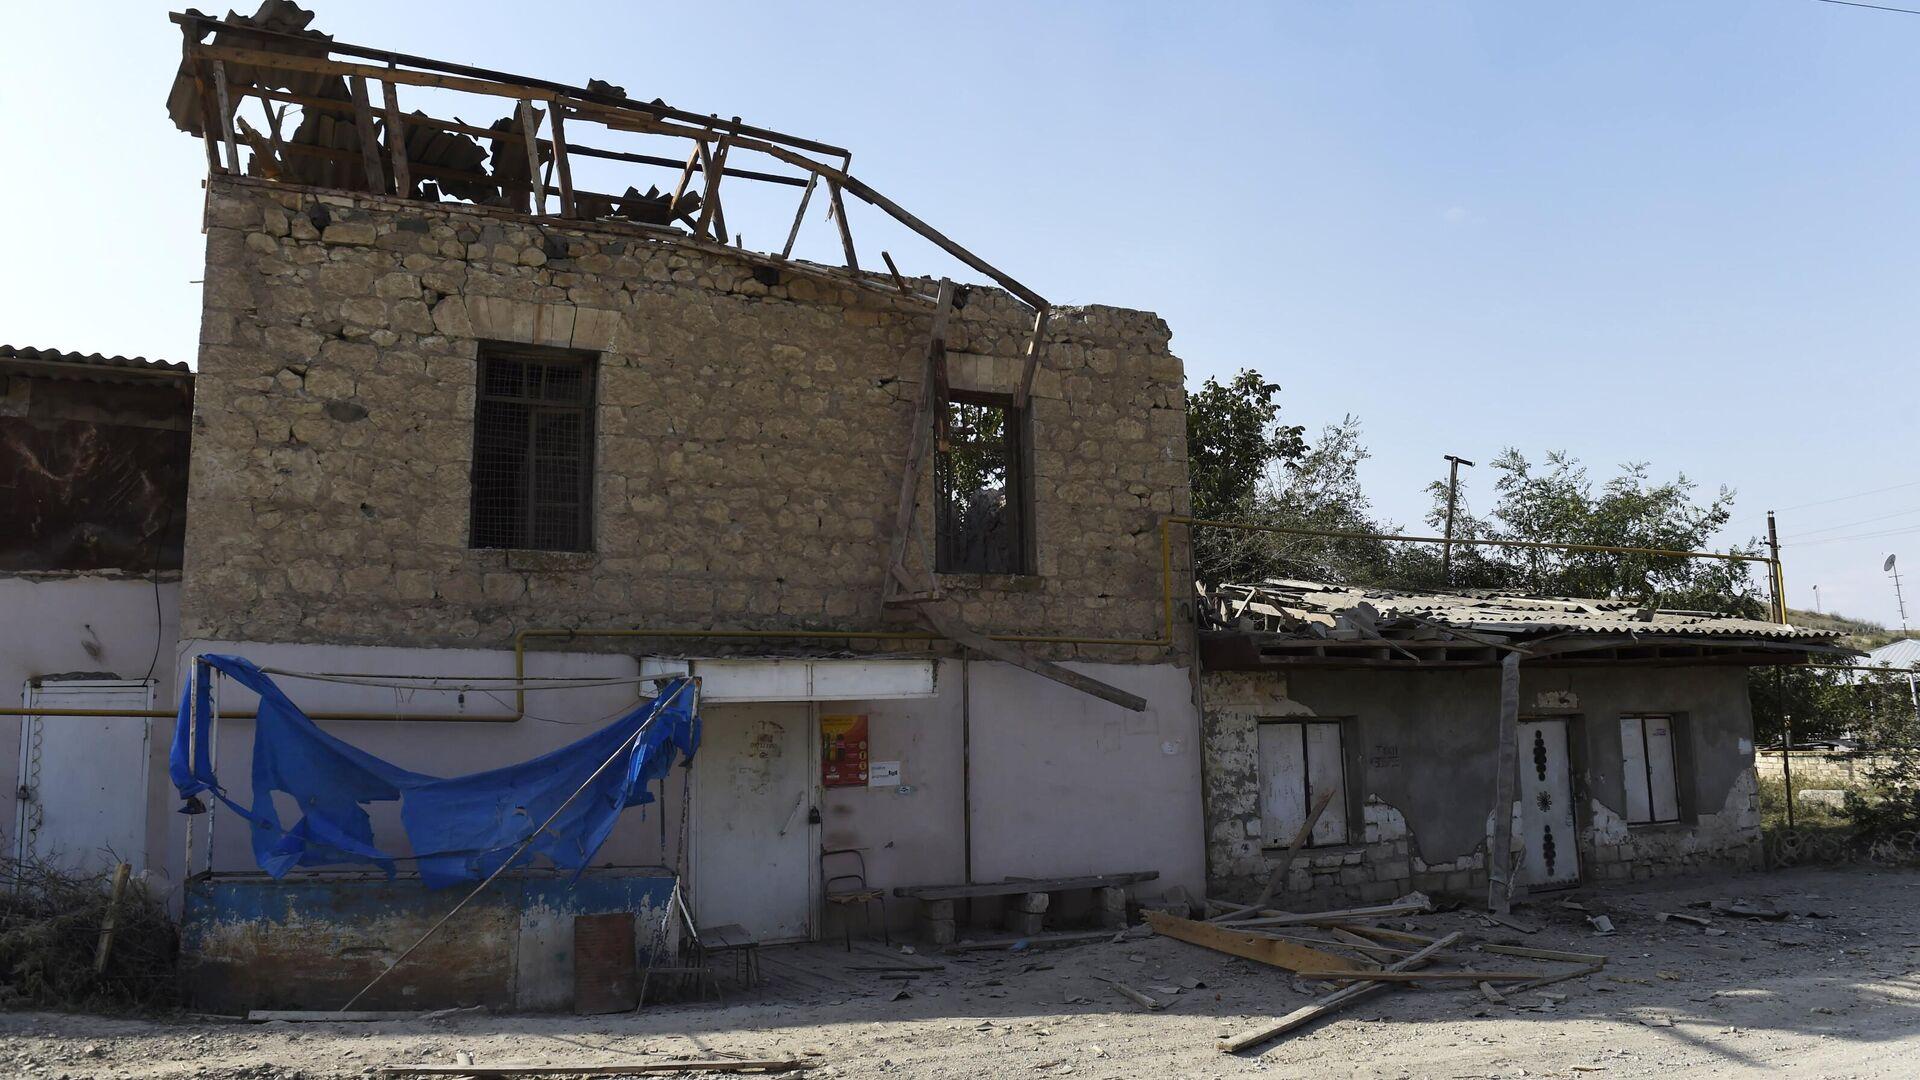 Дом, поврежденный в результате обстрела в Мартакертском районе Нагорного Карабаха - РИА Новости, 1920, 01.10.2020